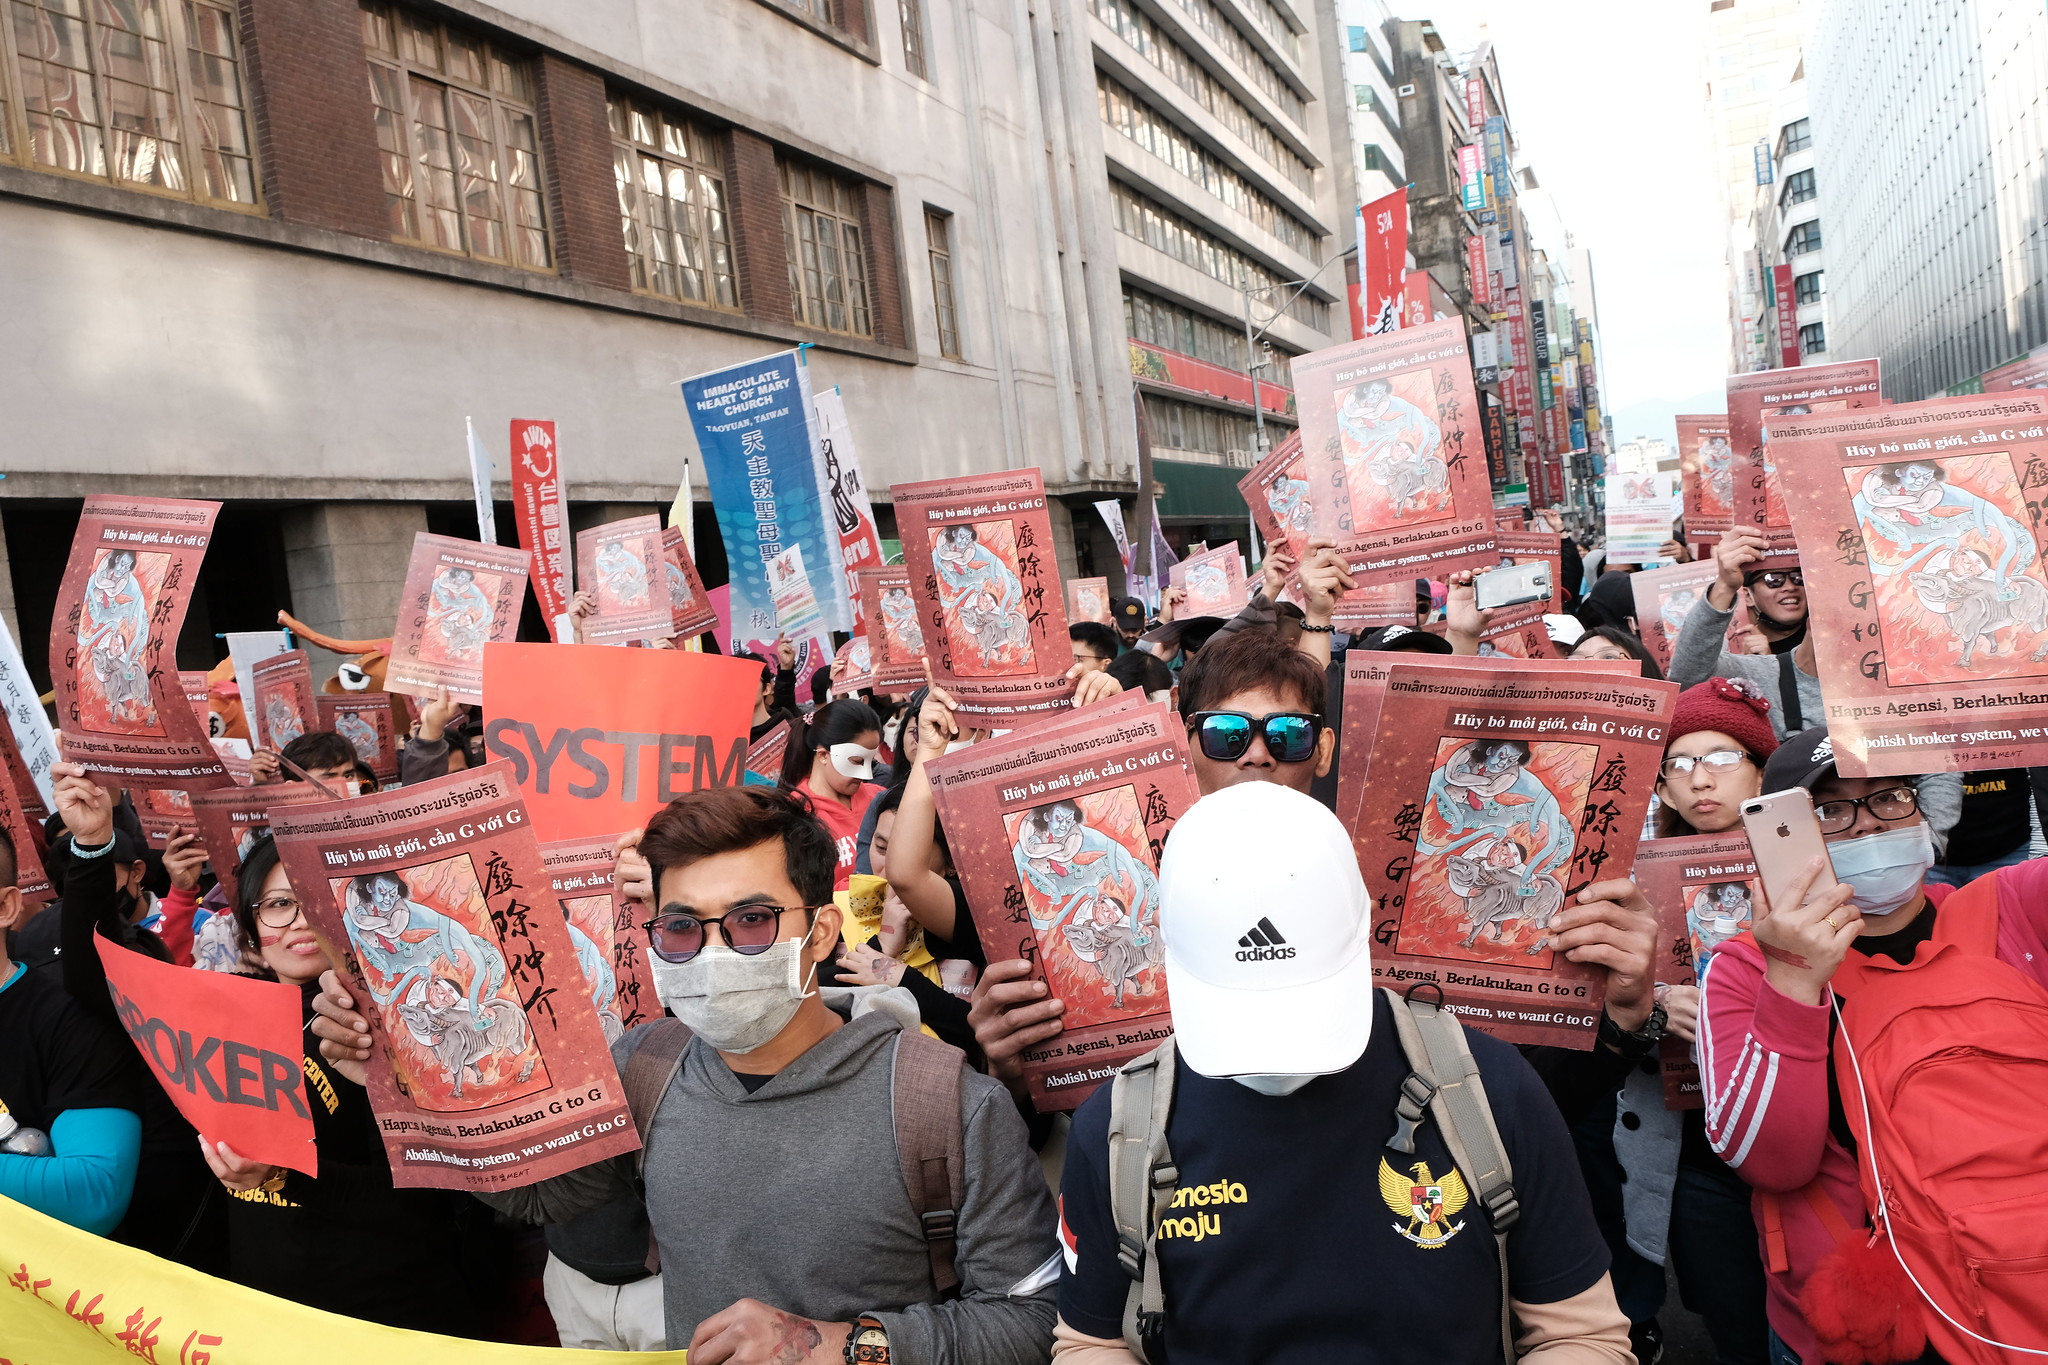 參與者於勞動部前高呼「G2G」。(攝影:唐佐欣)